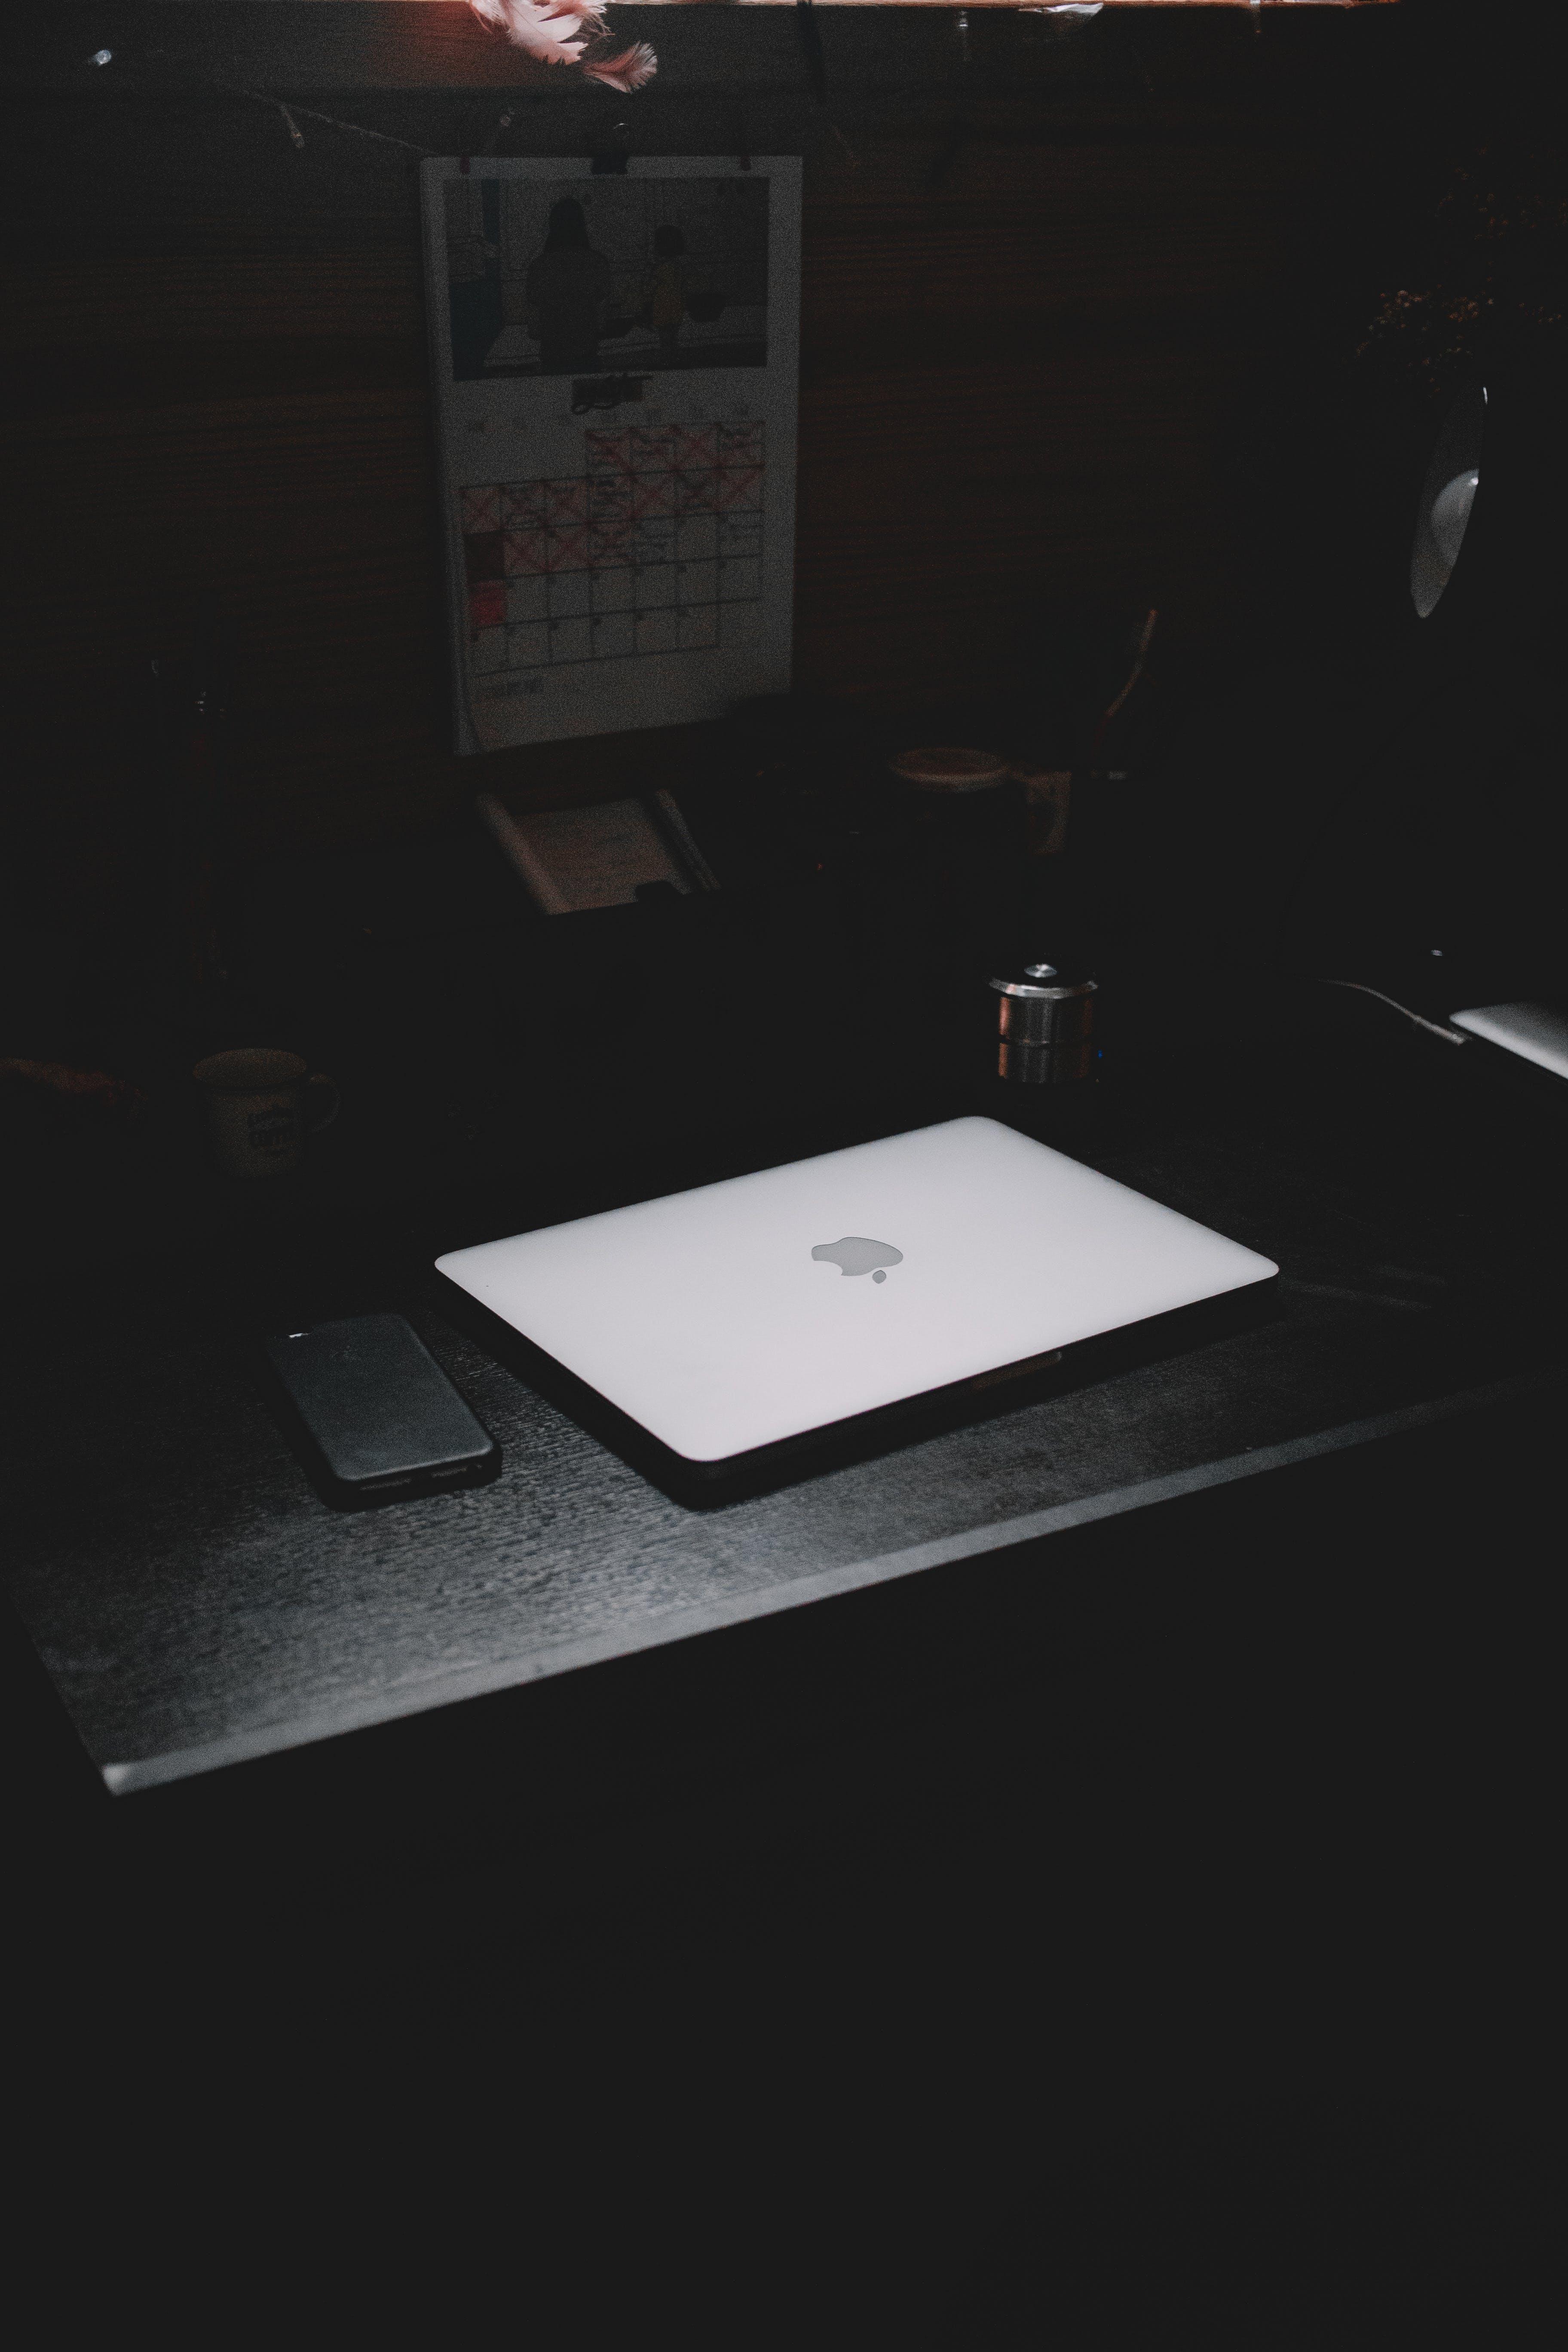 arbejdsområde, bærbar computer, design